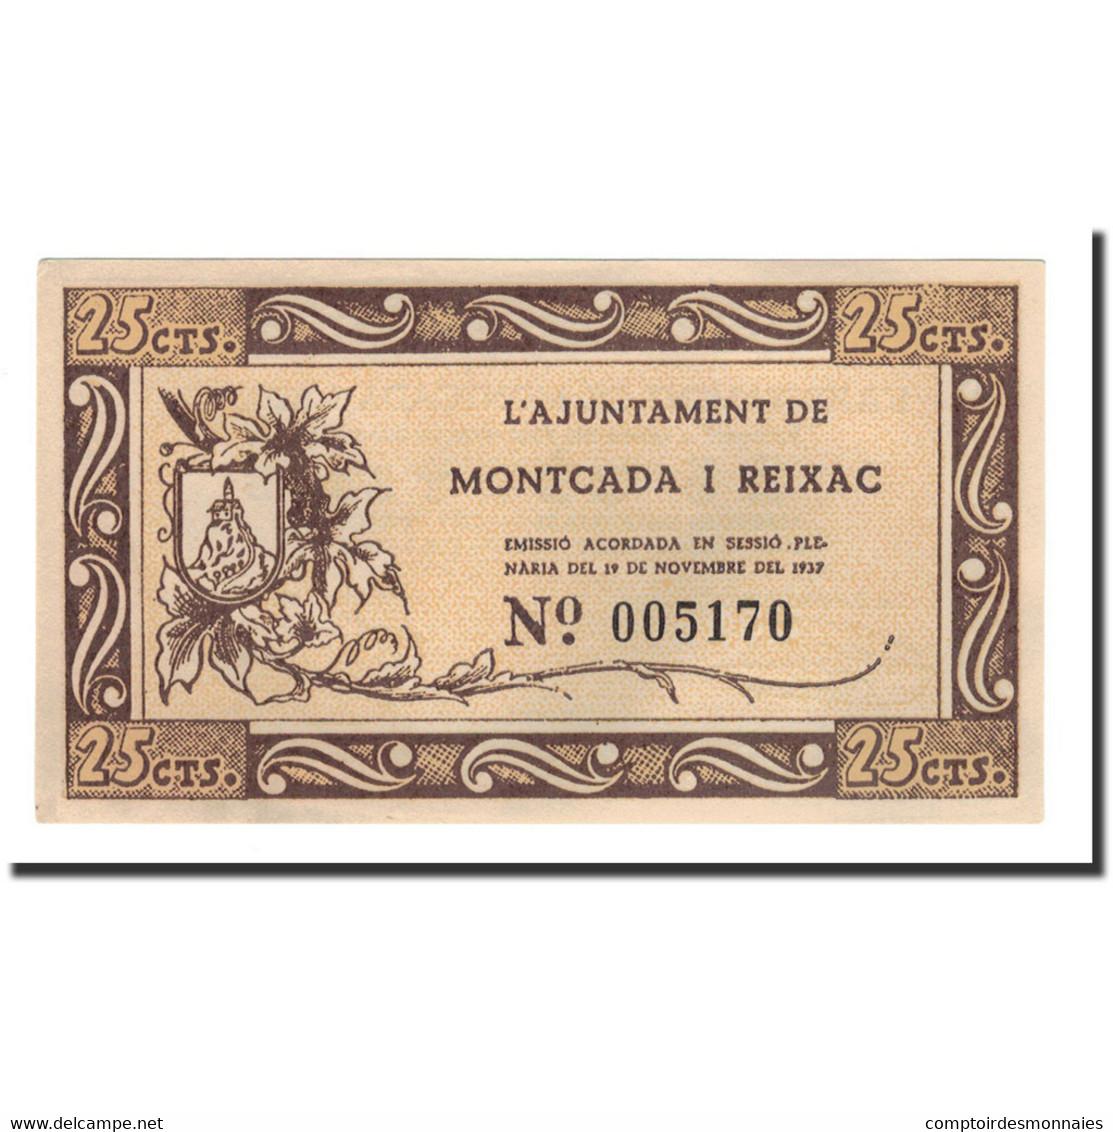 Espagne, 25 Centimos, 1937, 1937-11-19, NEUF - Espagne